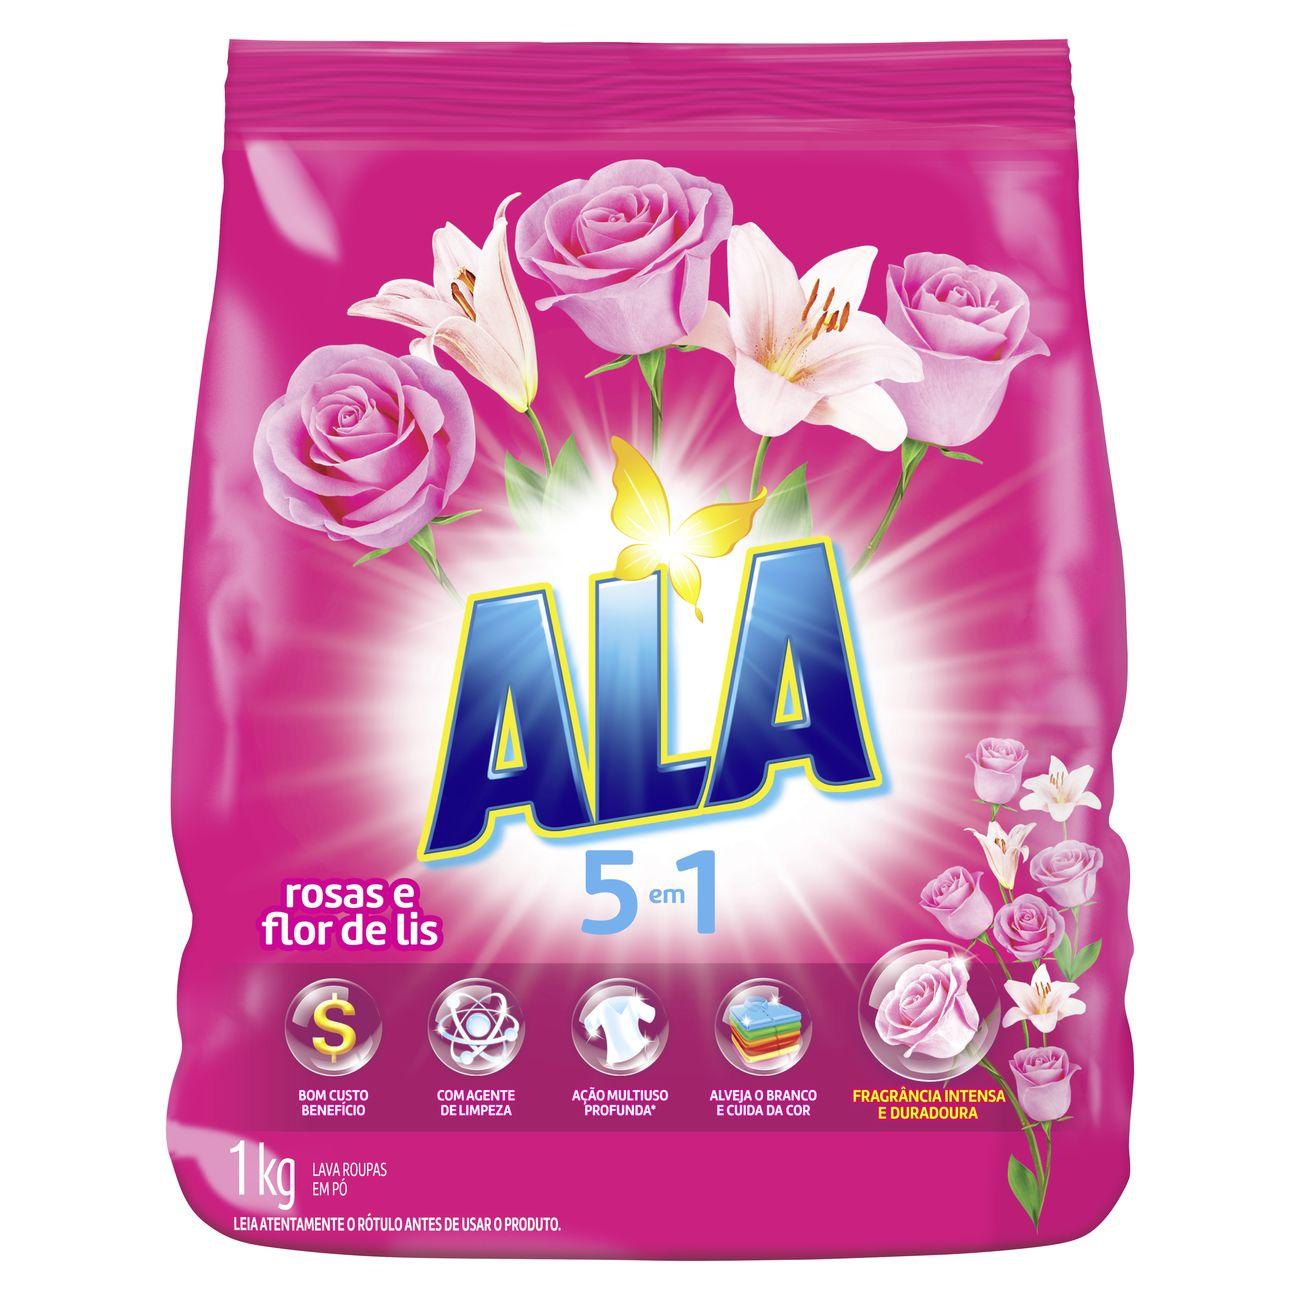 Lava-Roupa em Pó ALA 5 em 1 Rosas e Flor de Lis 1KG